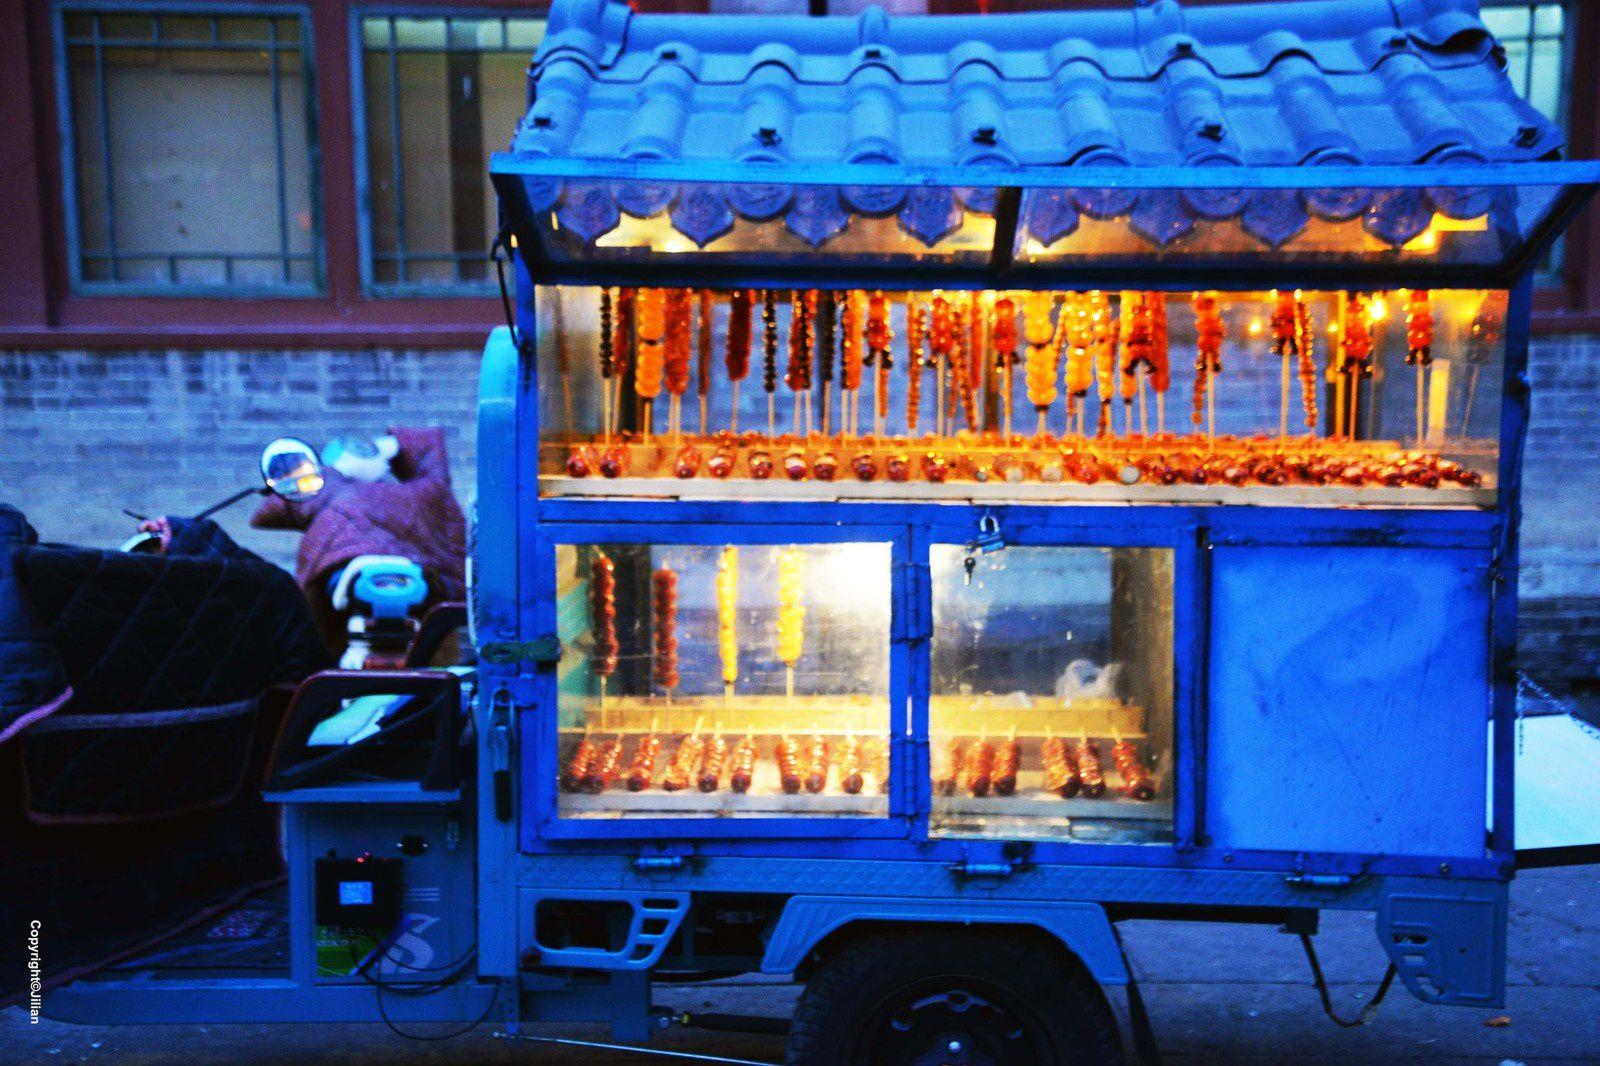 """Carriole de """"tanghulu"""" - 糖葫芦. Brochettes de fruits caraméliés. Les tanghulu traditionnels sont faits avec des azeroles, petites pommes sauvages. Mais, avec la mondialisation, celles aux fraises et aux mandarines font maintenant fureur."""